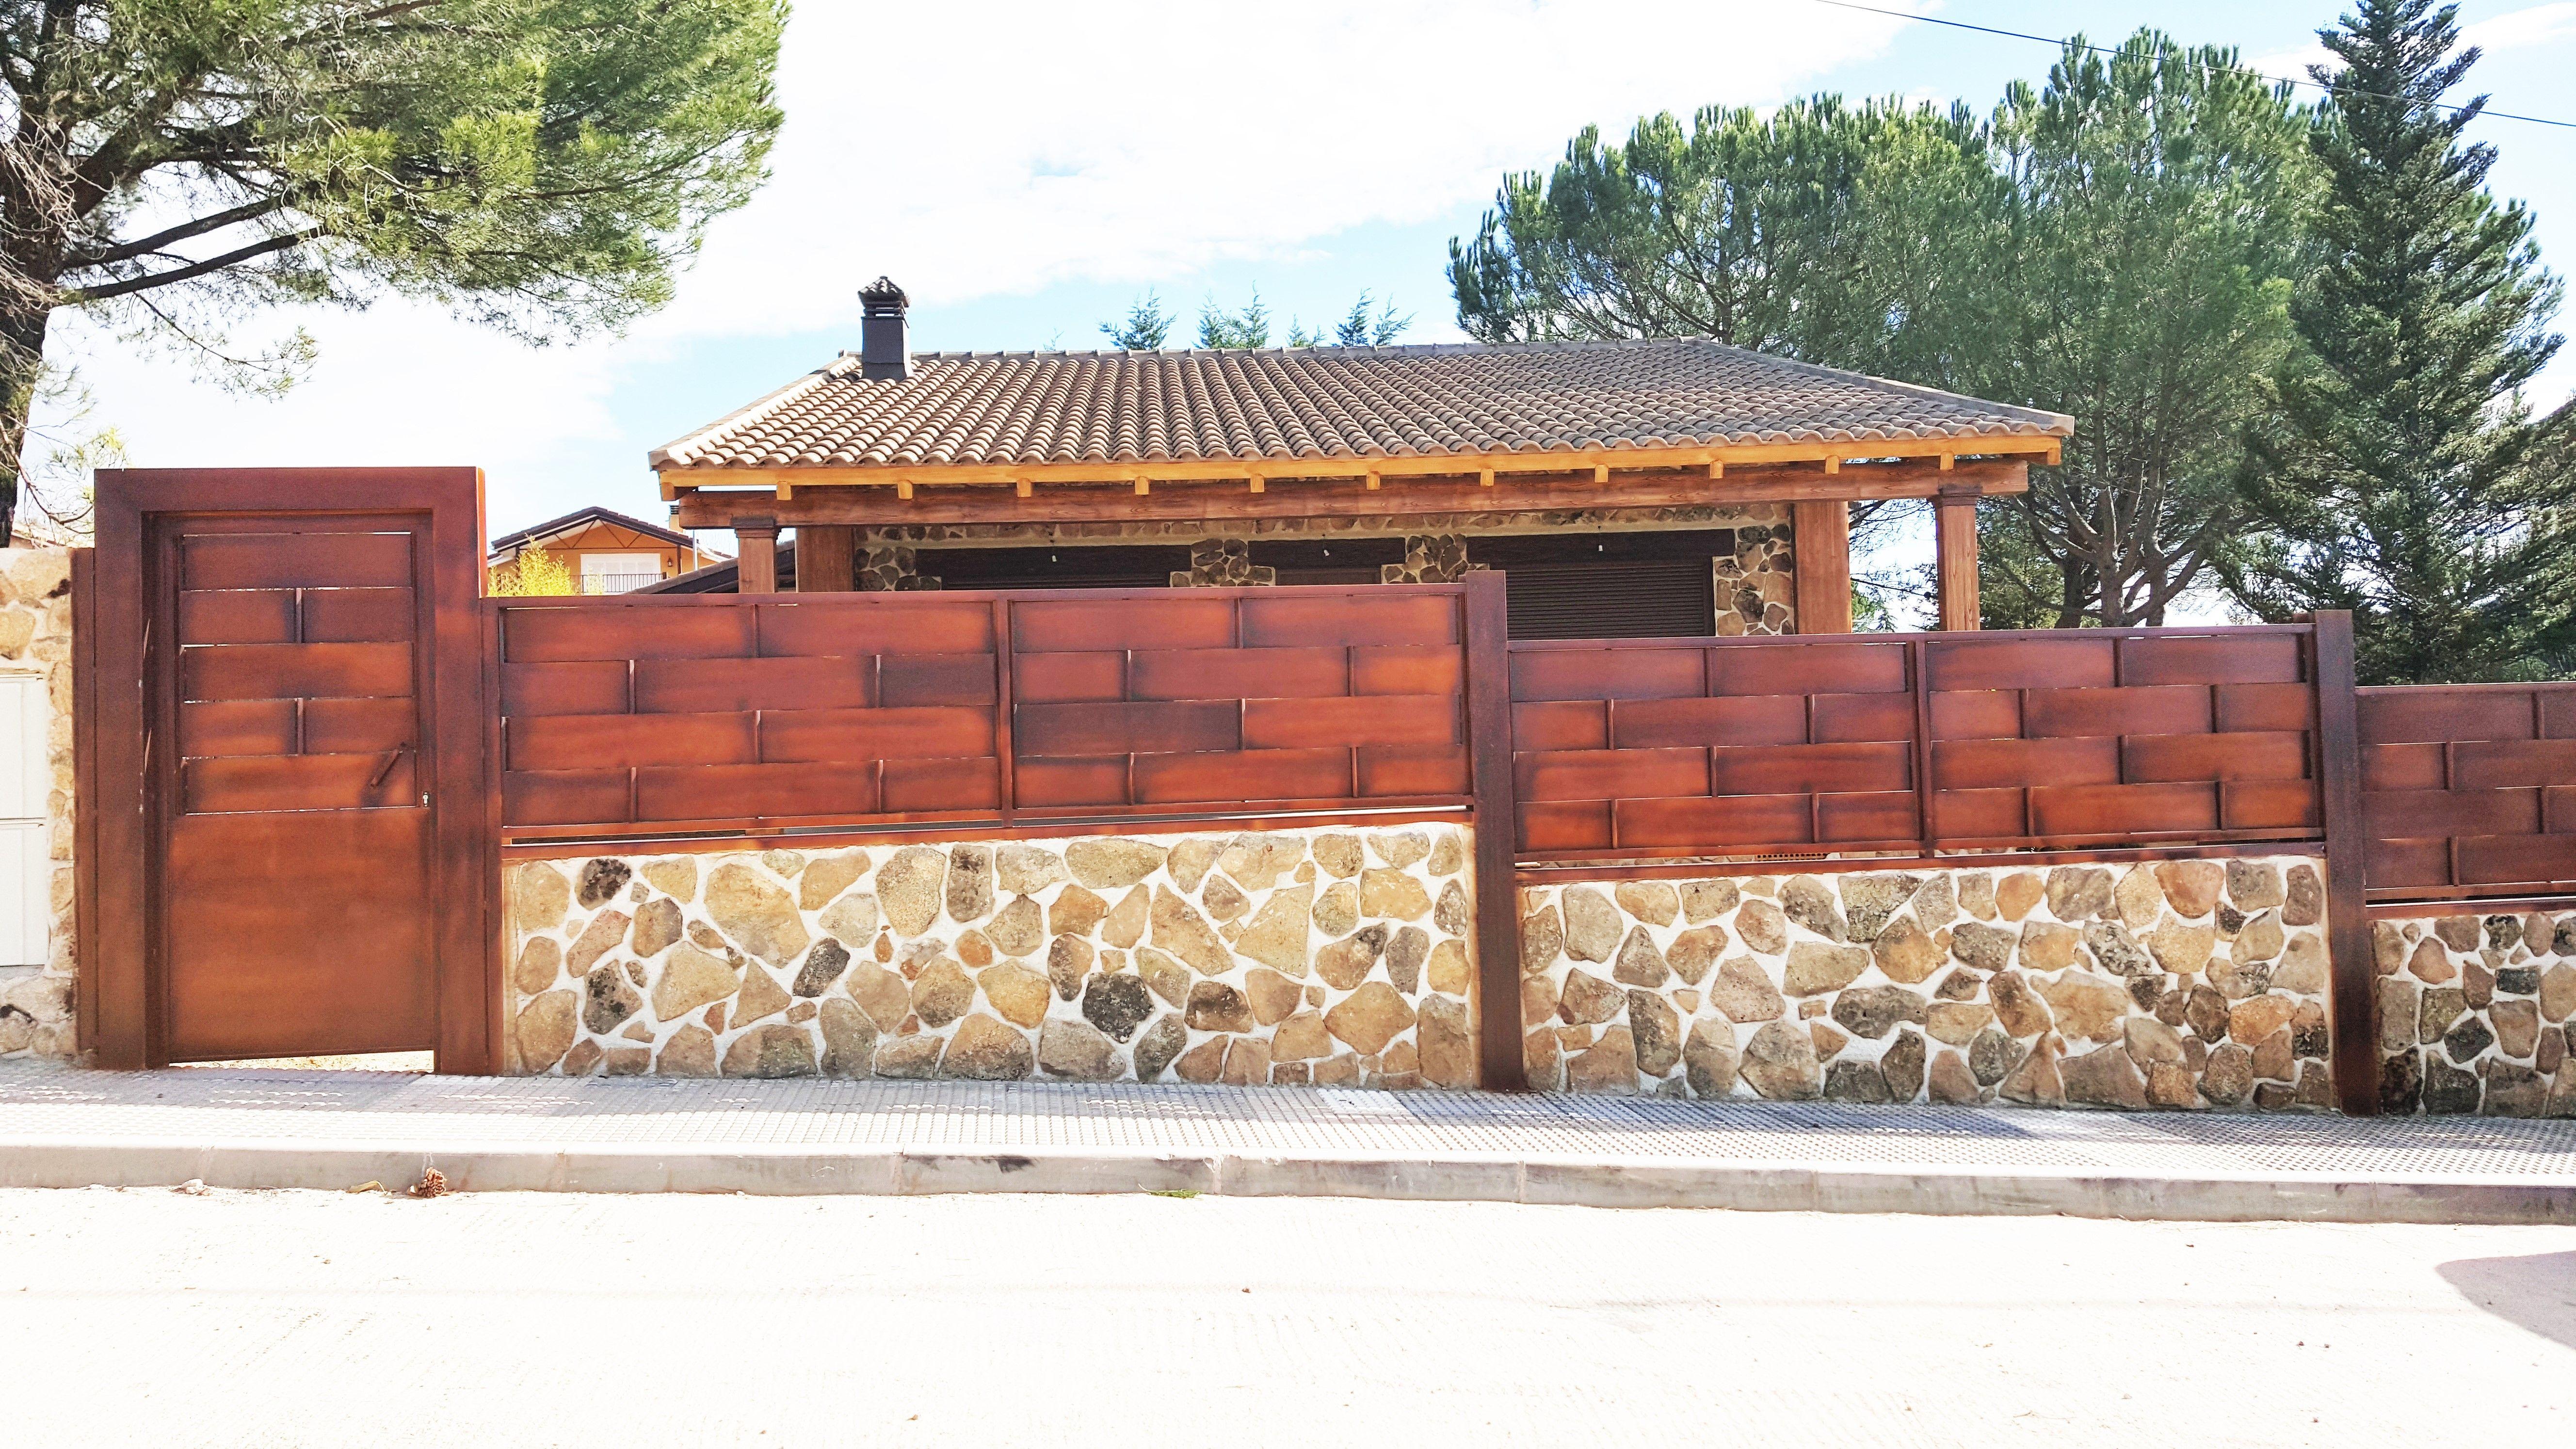 Cerramiento ideal para estetica de casa de campo. CASAS DE